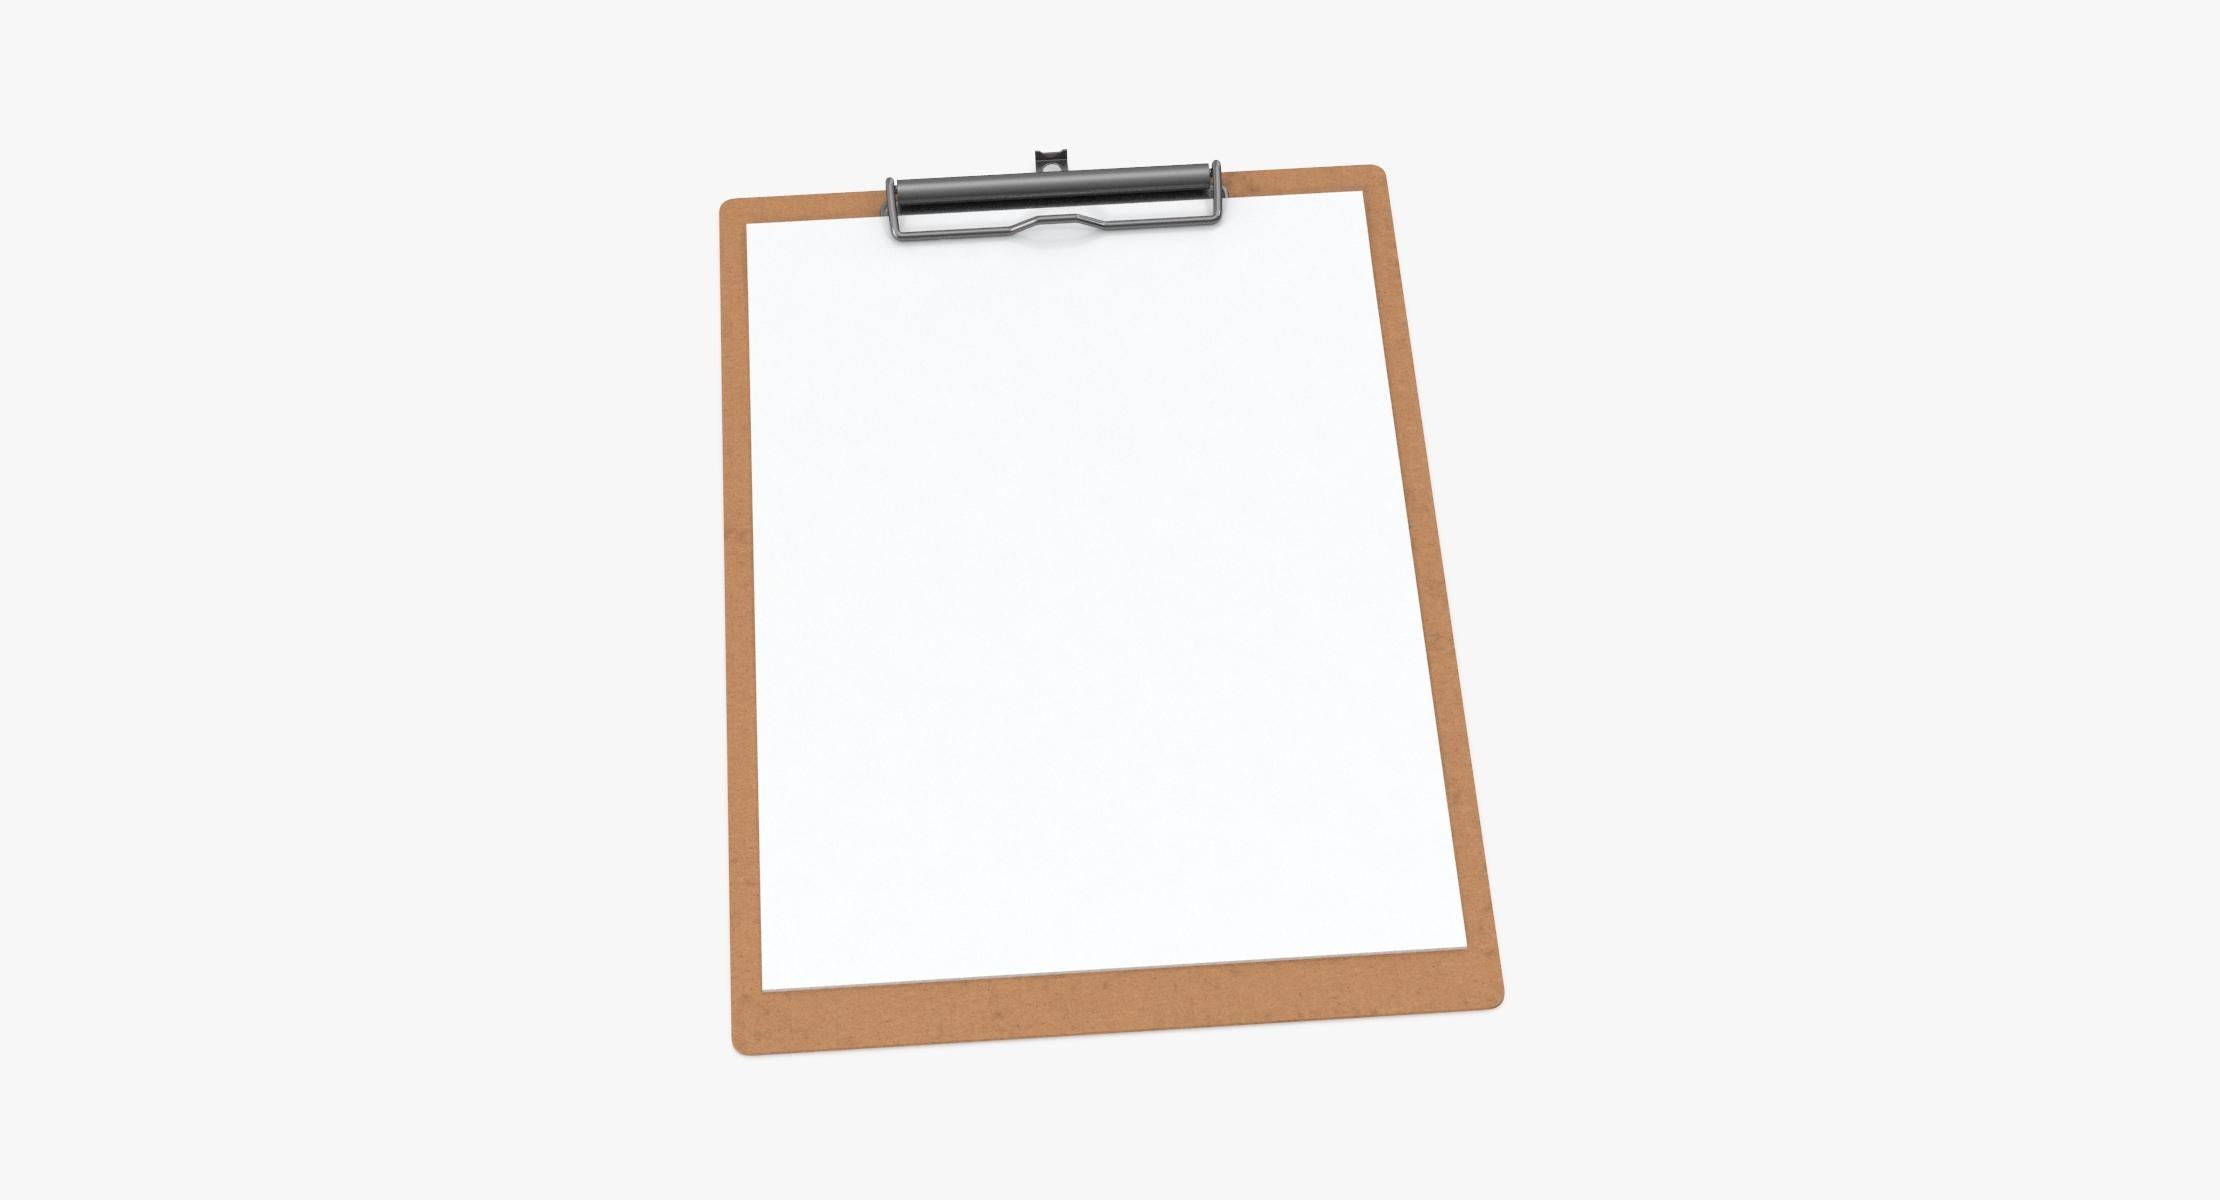 Paper Sheets in Clipboard 02 - reel 1